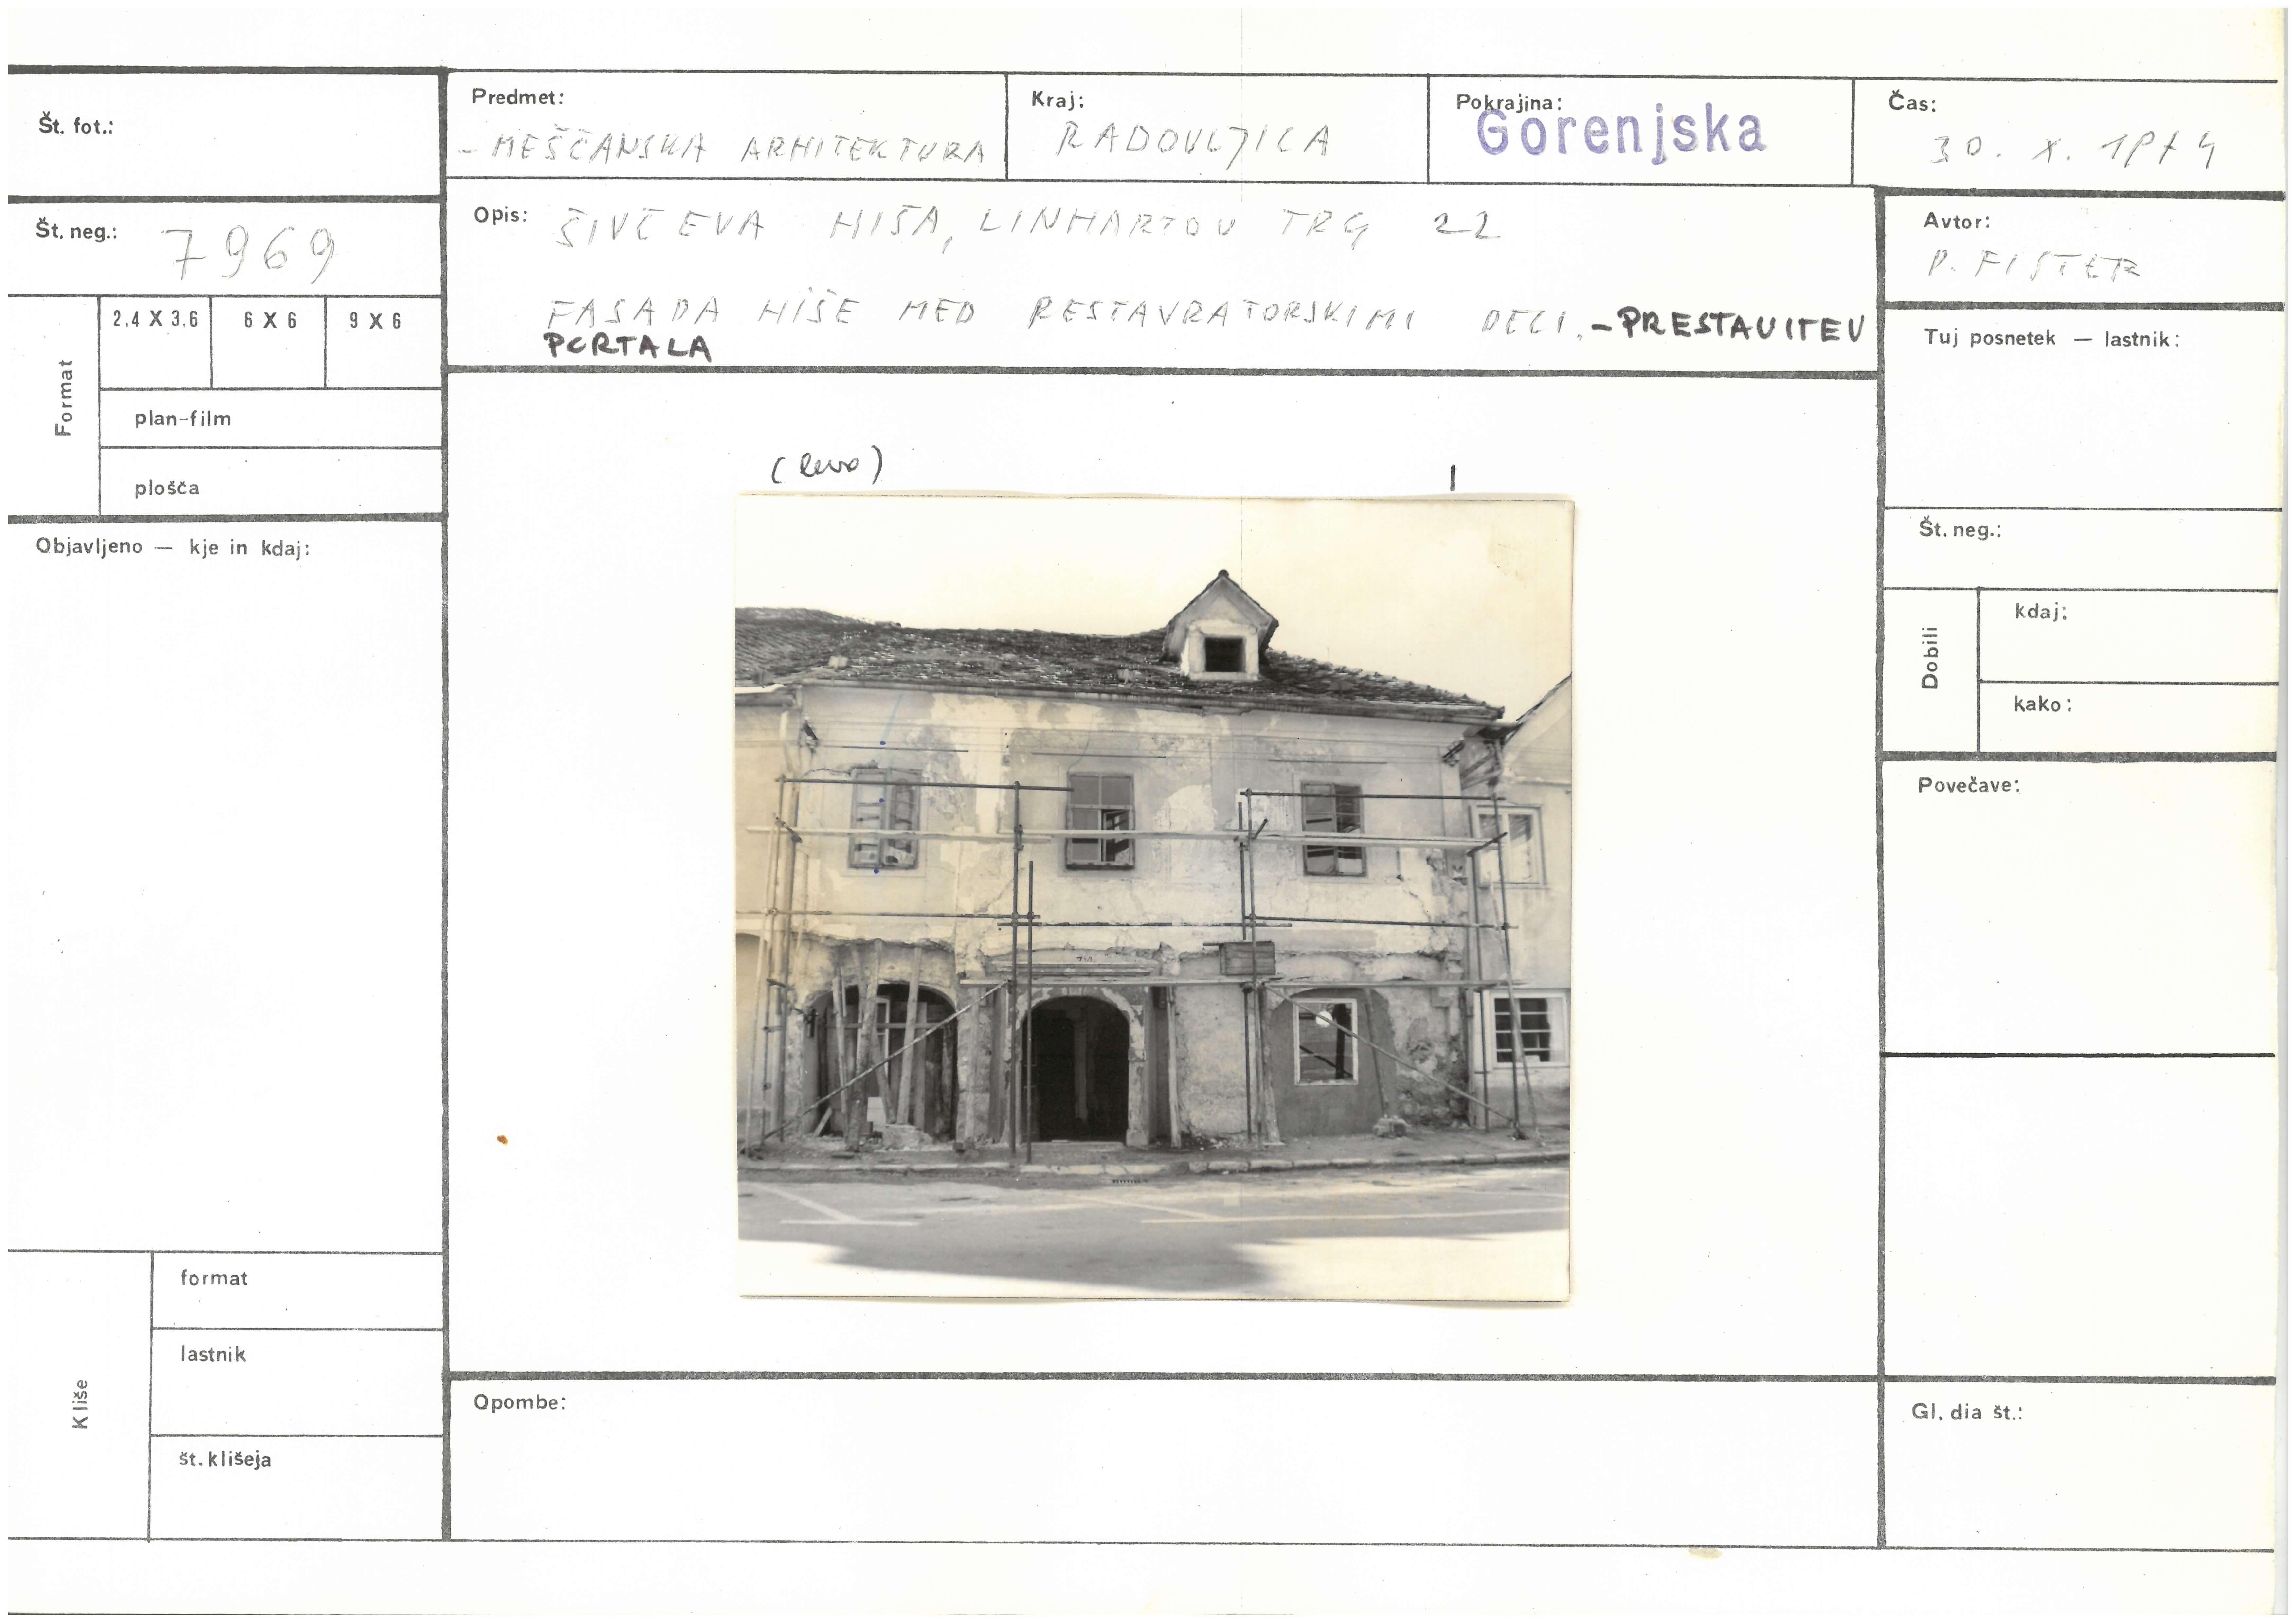 ZVKDS, fotokarton s fotografijo Šivčeve hiše pred prenovo, 1974